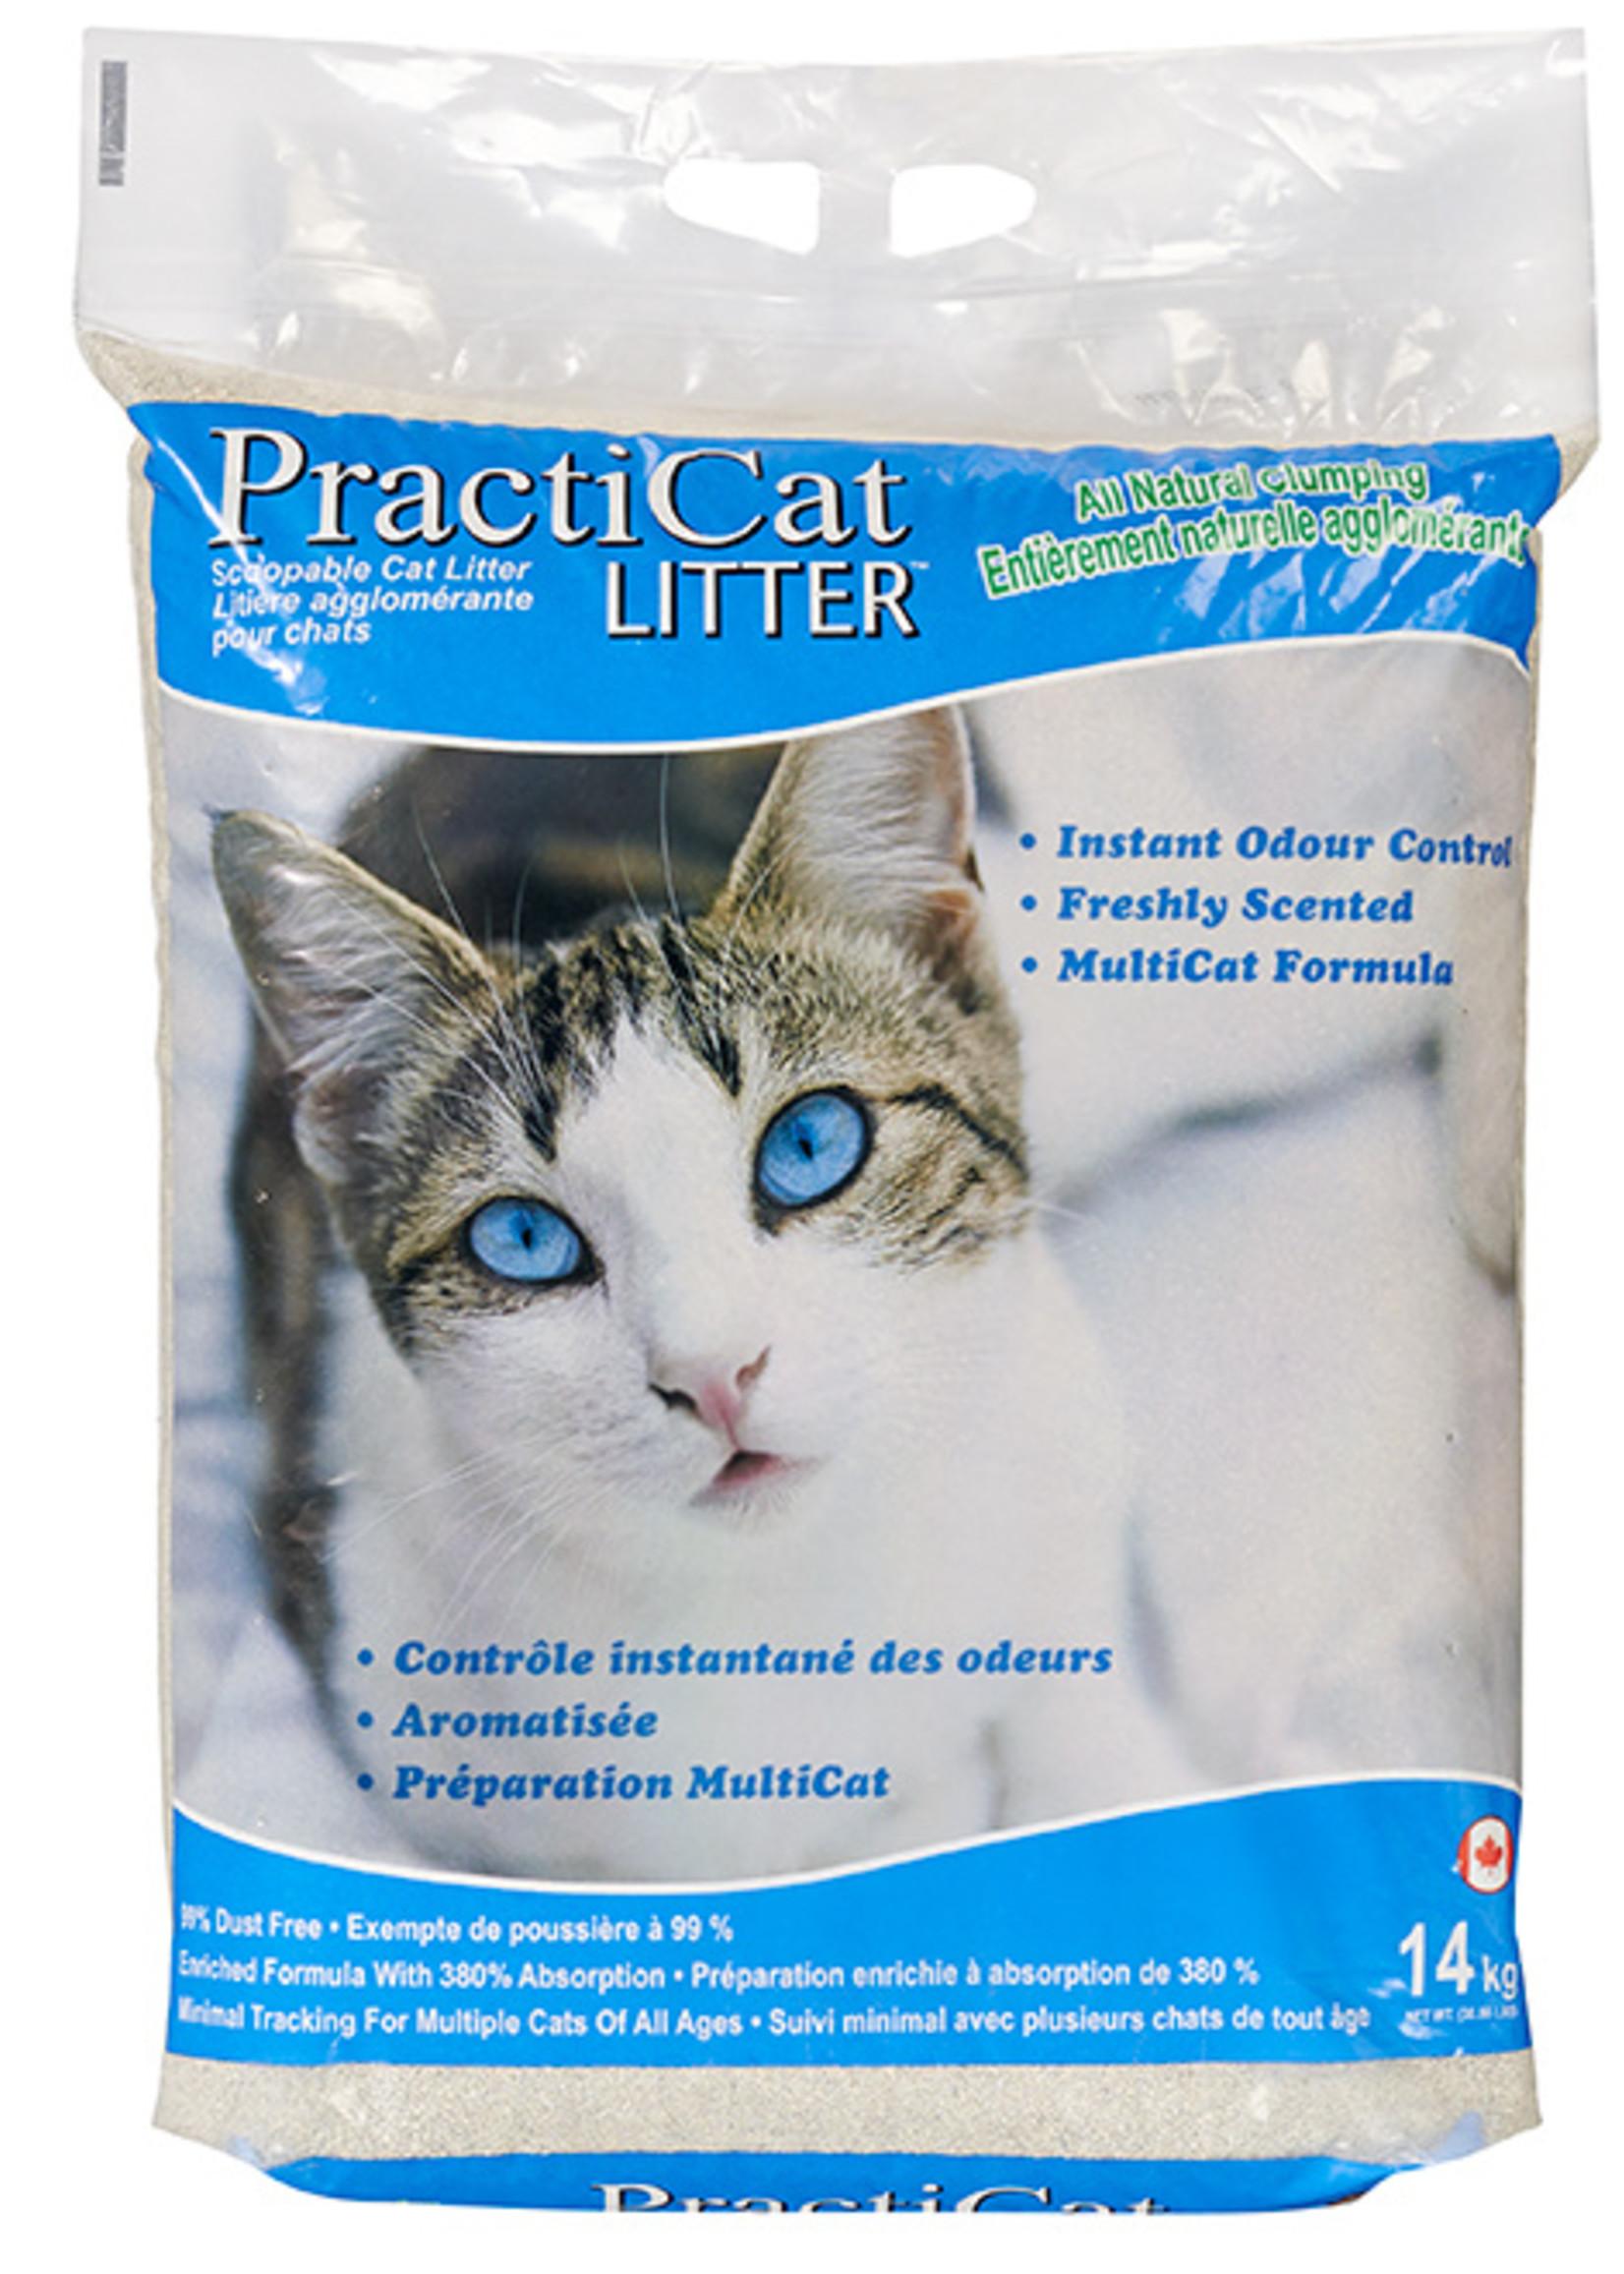 PractiCat PractiCat Litter 14kG